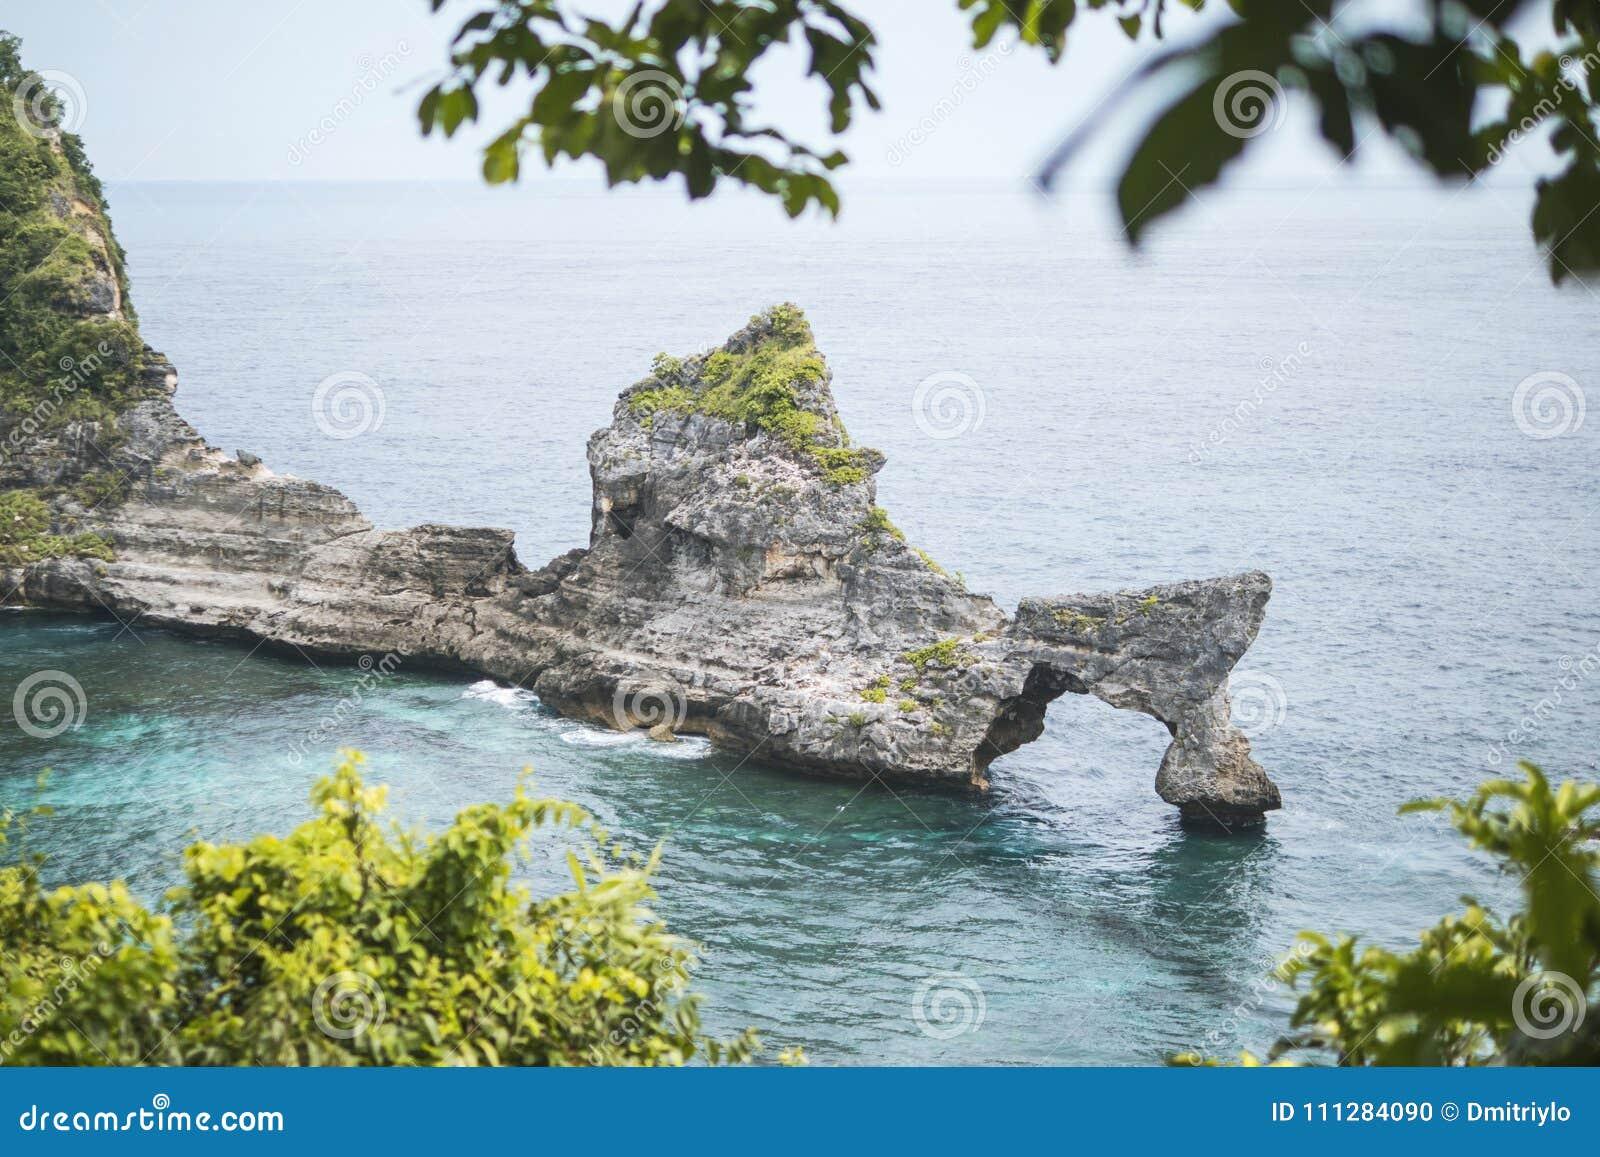 Piękna Naturalna skała łuku wyspa w morzu przy Atuh plażą w Nusa Penida, Bali, Indonezja widok z lotu ptaka